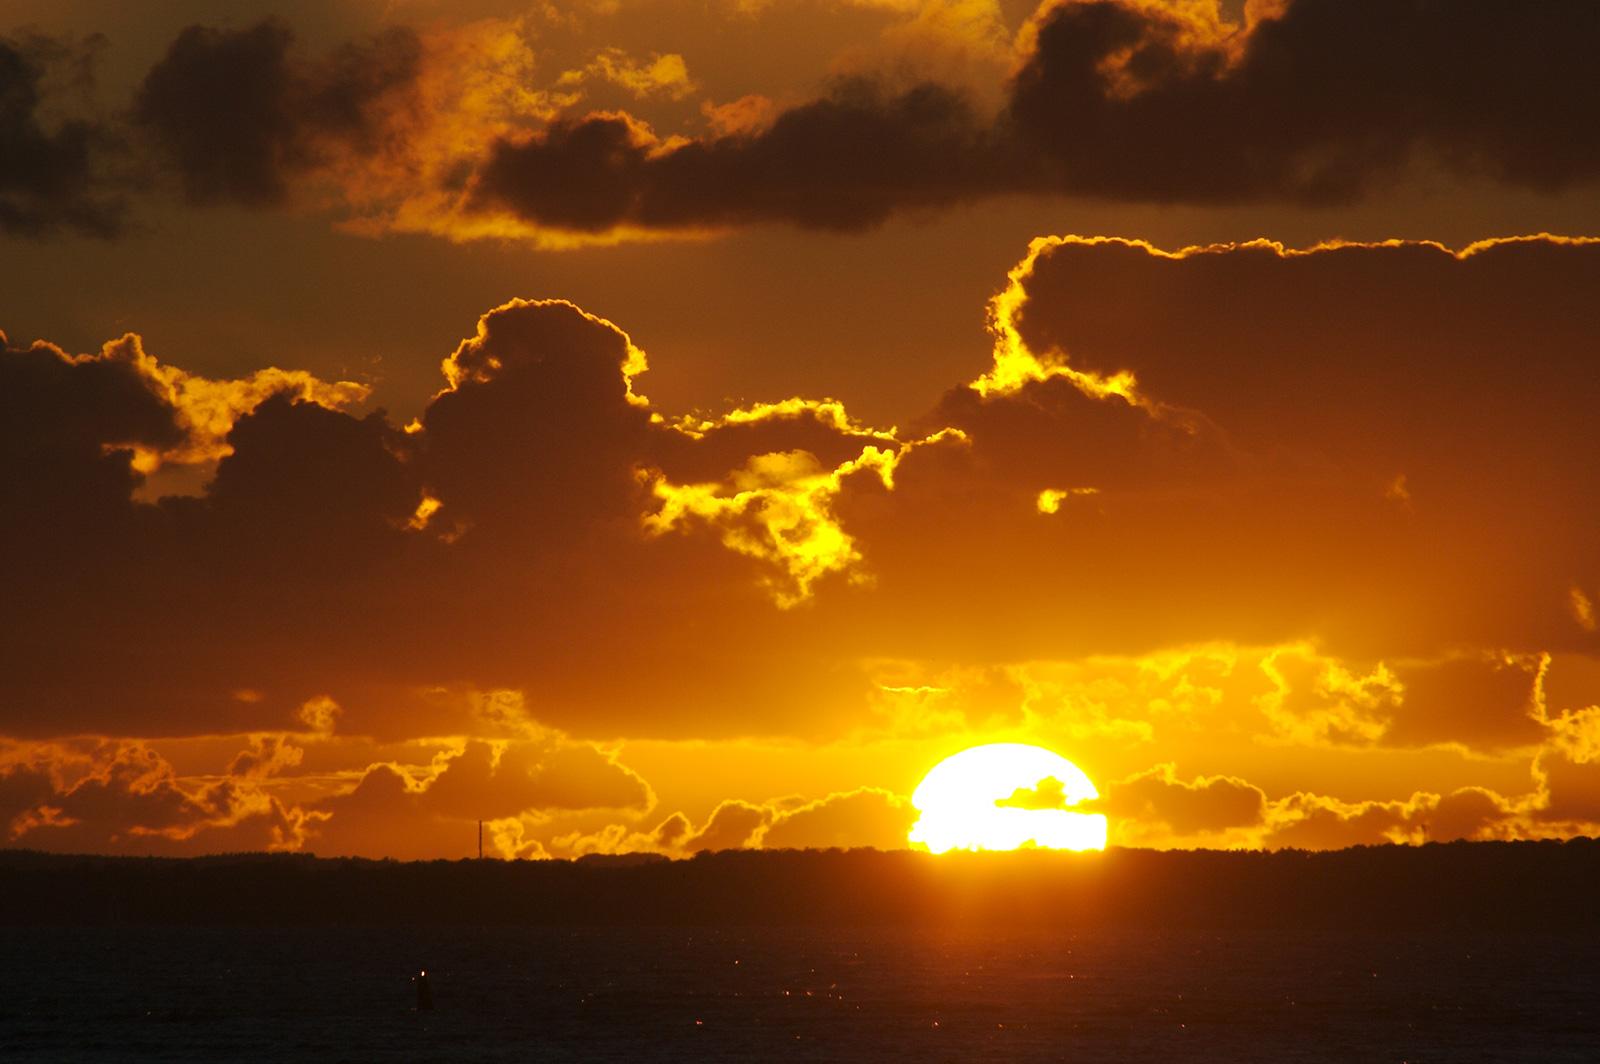 Puesta de Sol en Øresund, por Håkan Dahlström en Flickr.